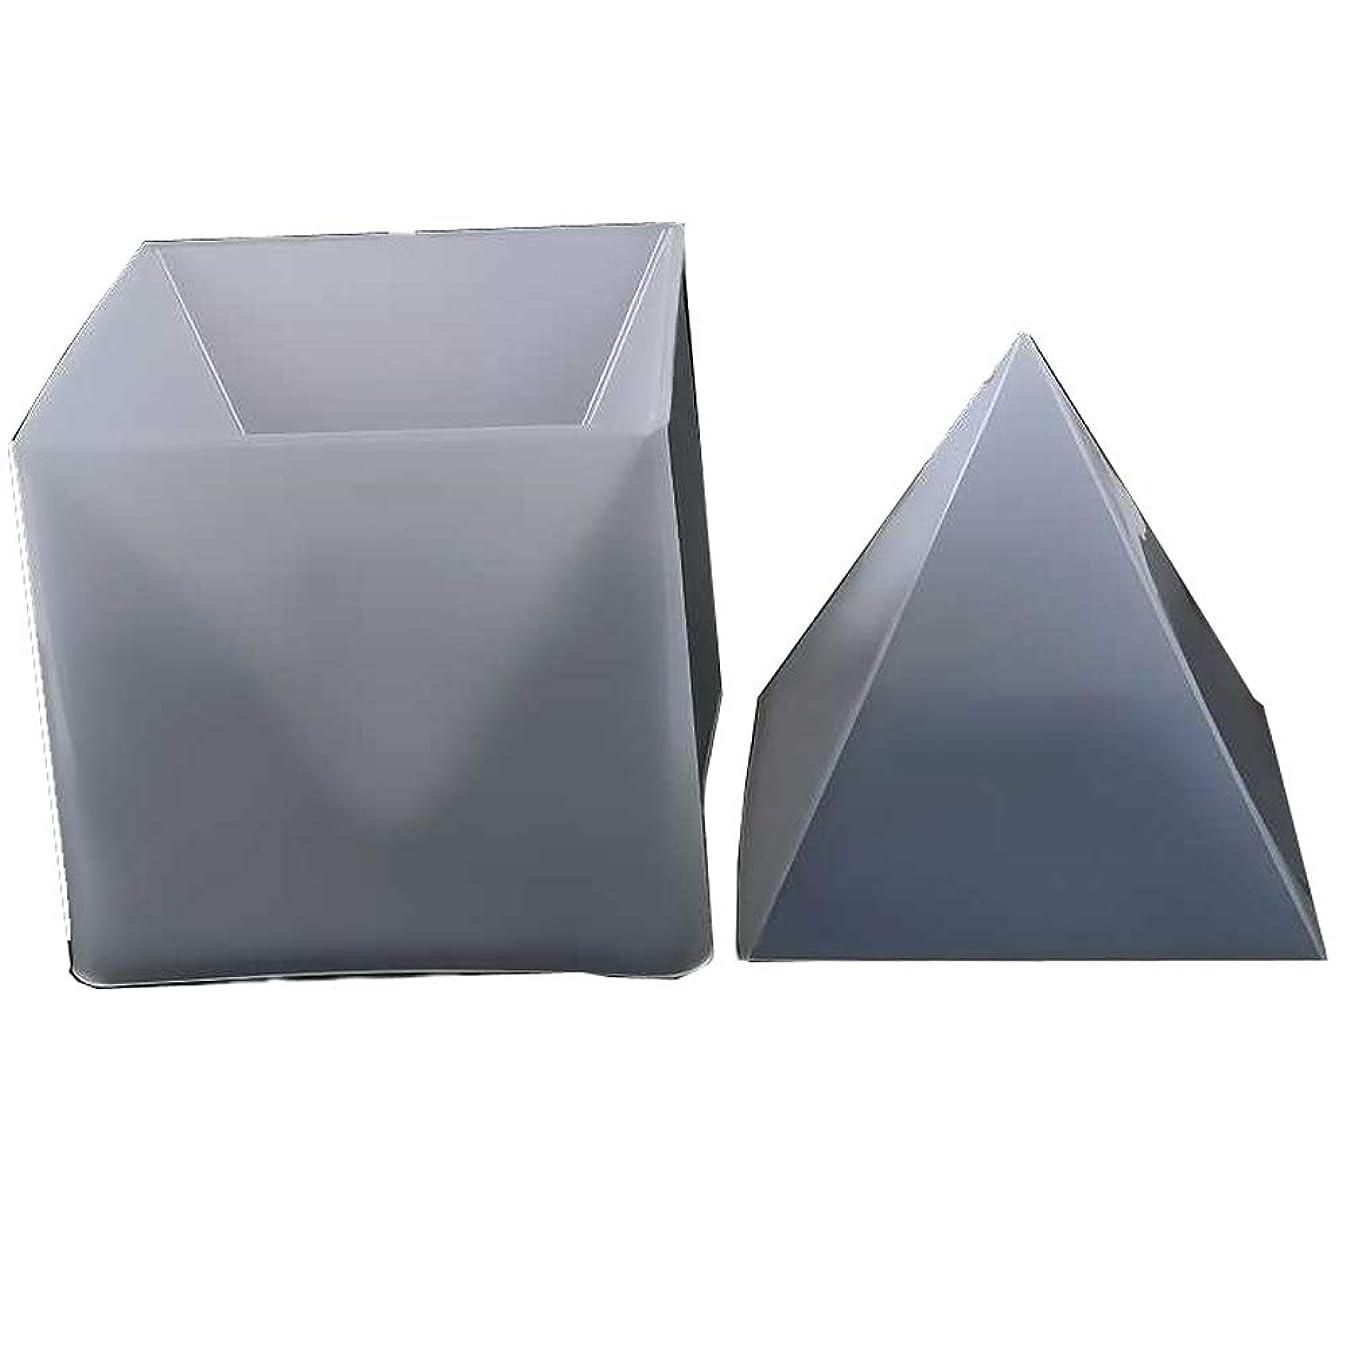 細分化する議論する最終シリコン製 レジン型 ピラミッド クリスタル シリコンモールド手作り 石鹸/樹脂 粘土/レジン 道具 (ピラミッドセット)